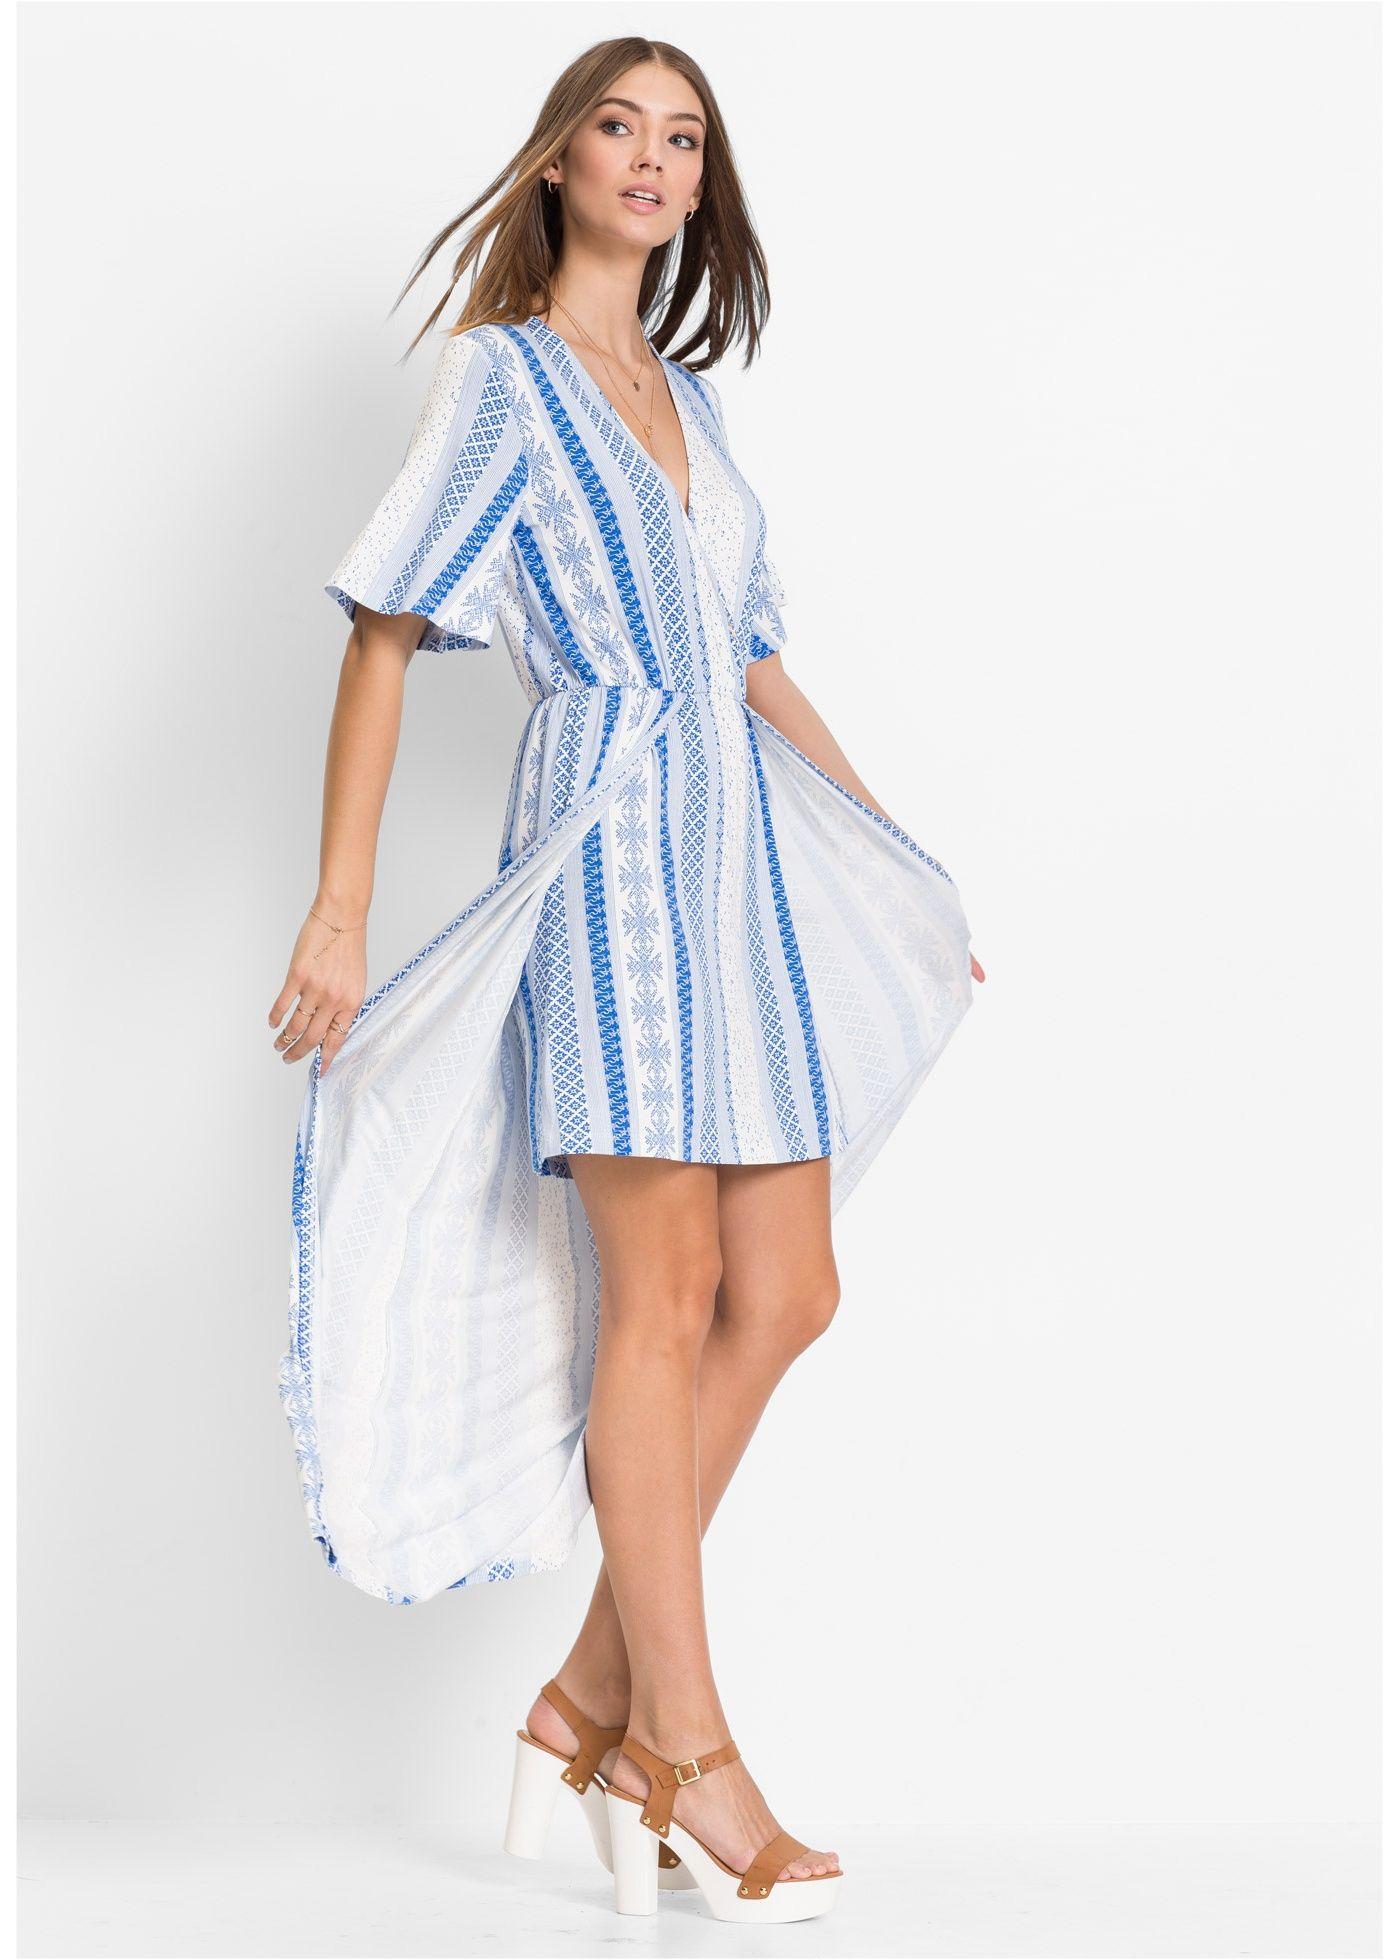 e5dc6daf5d7ad Shirtkleid in 2-in-1-Optik weiß blau bedruckt - RAINBOW jetzt im Online Shop  von bonprix.de ab   32